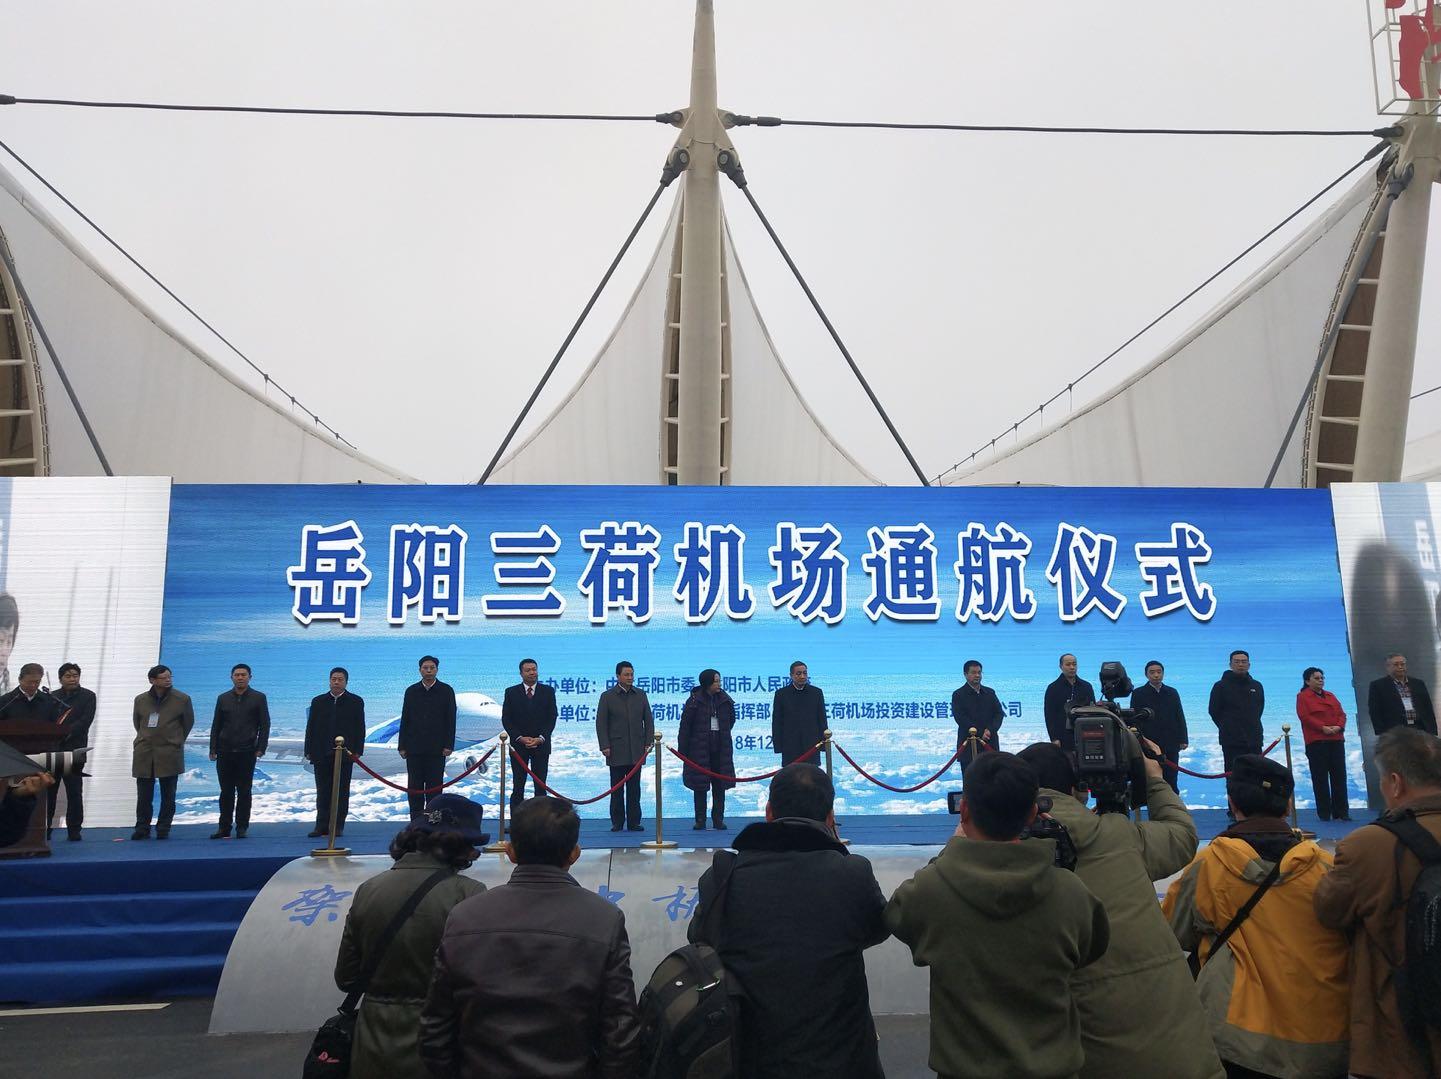 岳阳机场通航仪式.jpg